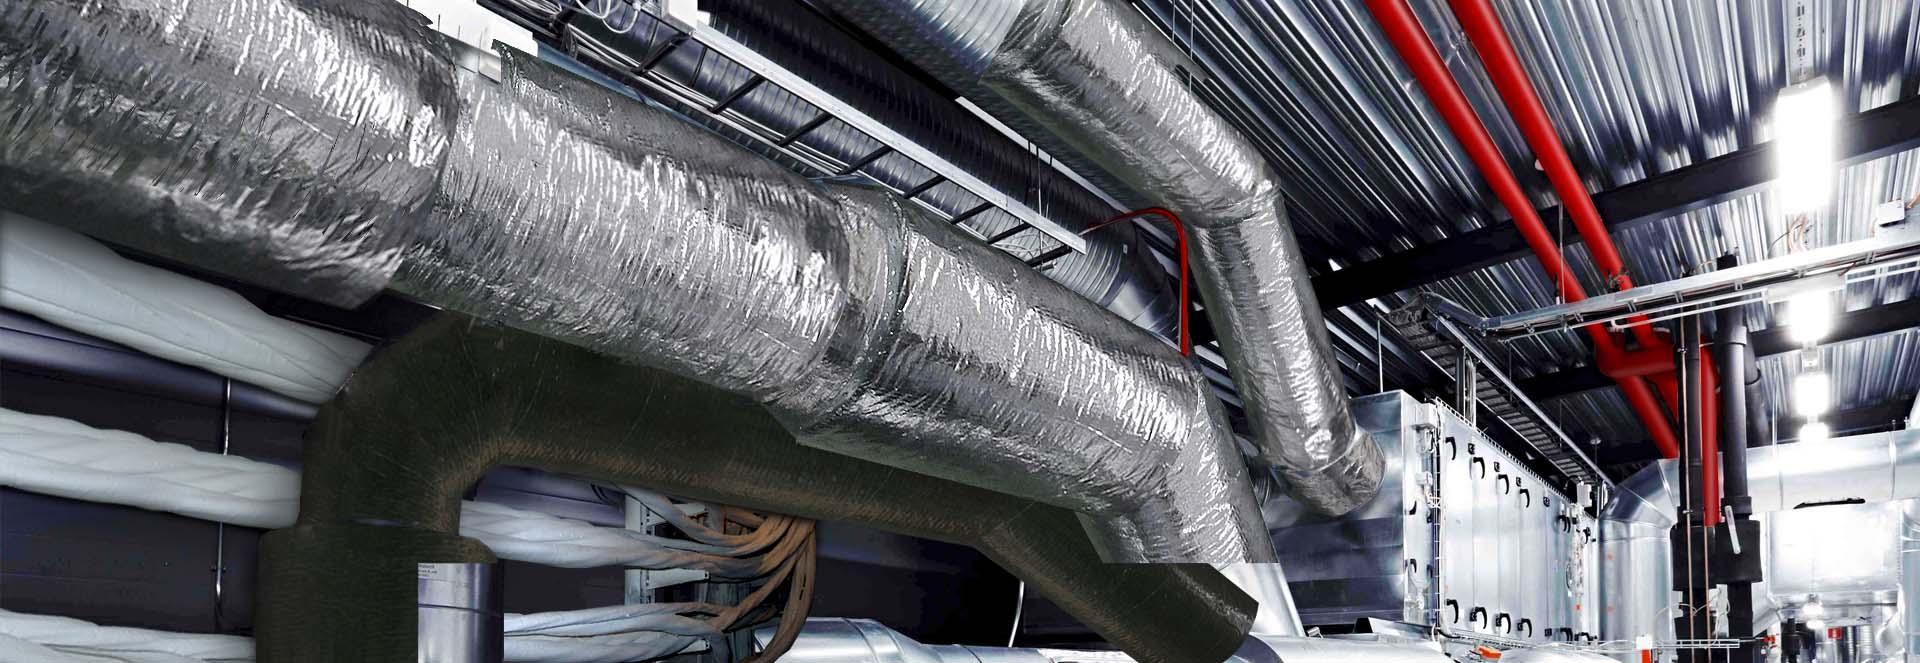 Базальтовая огнезащита вентиляционных систем